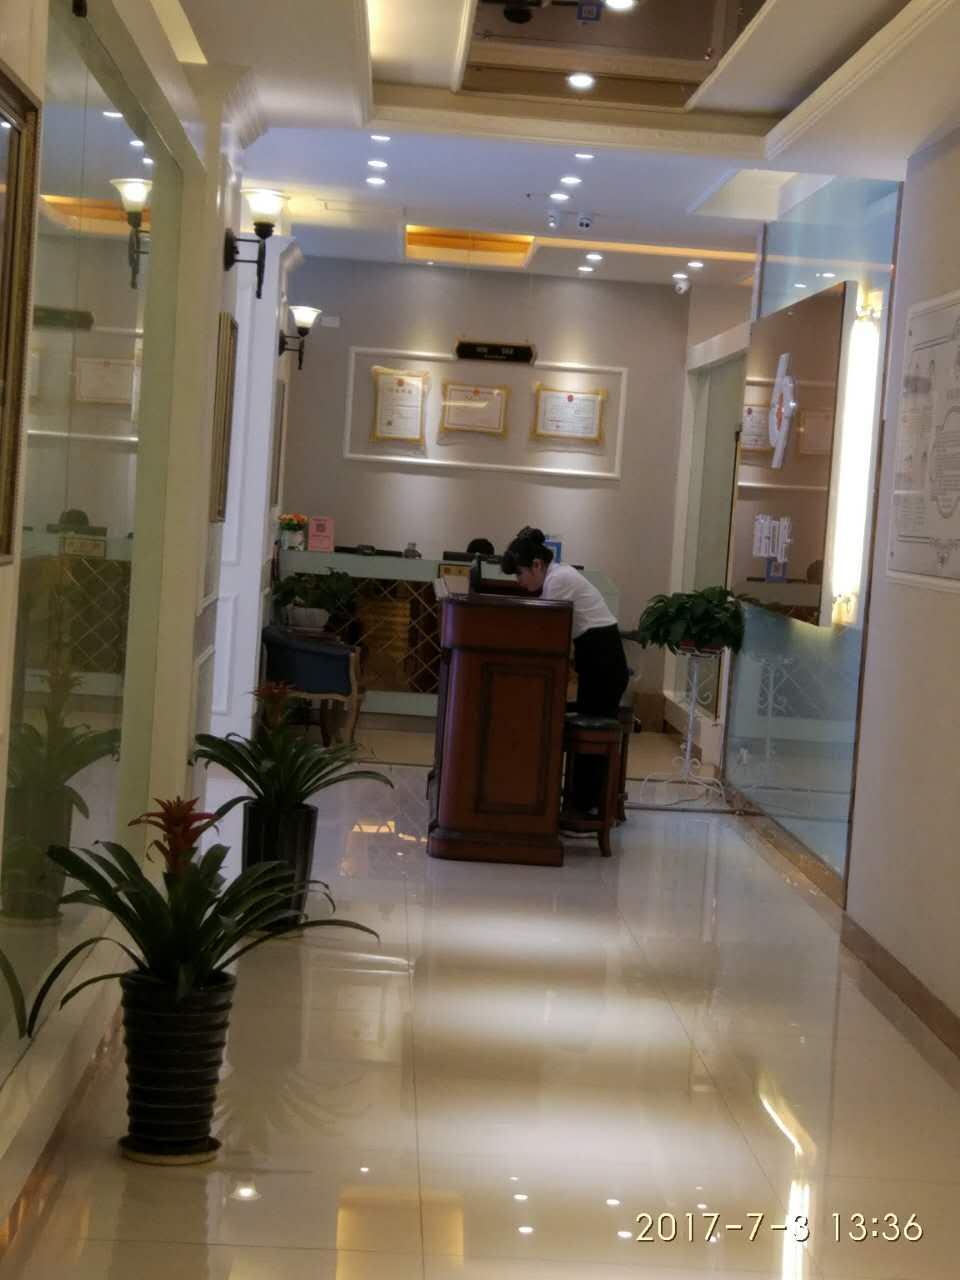 贵州安防manbetx客户端下载地址设备